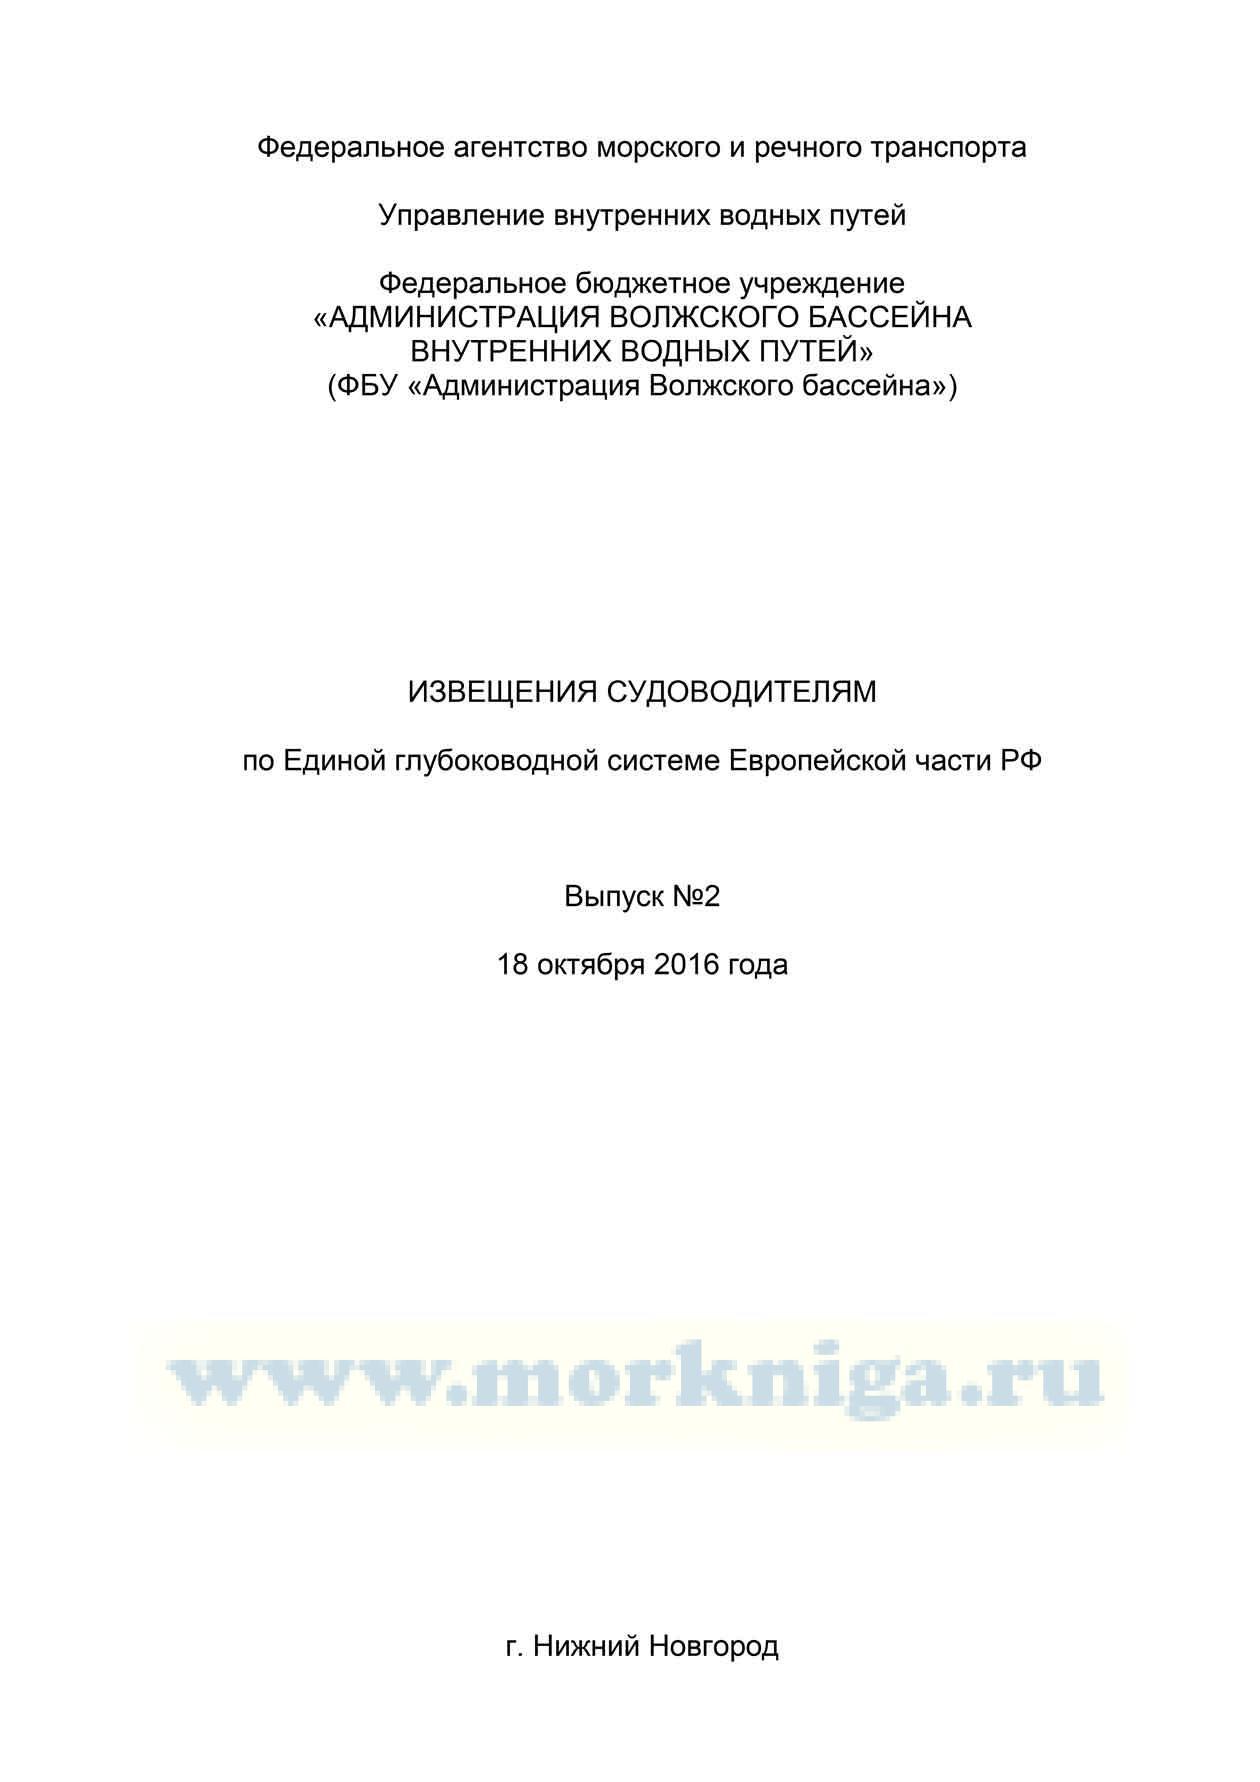 Извещения судоводителям по единой глубоководной системе Европейской части РФ. выпуск 2. 18 октября 2016 г